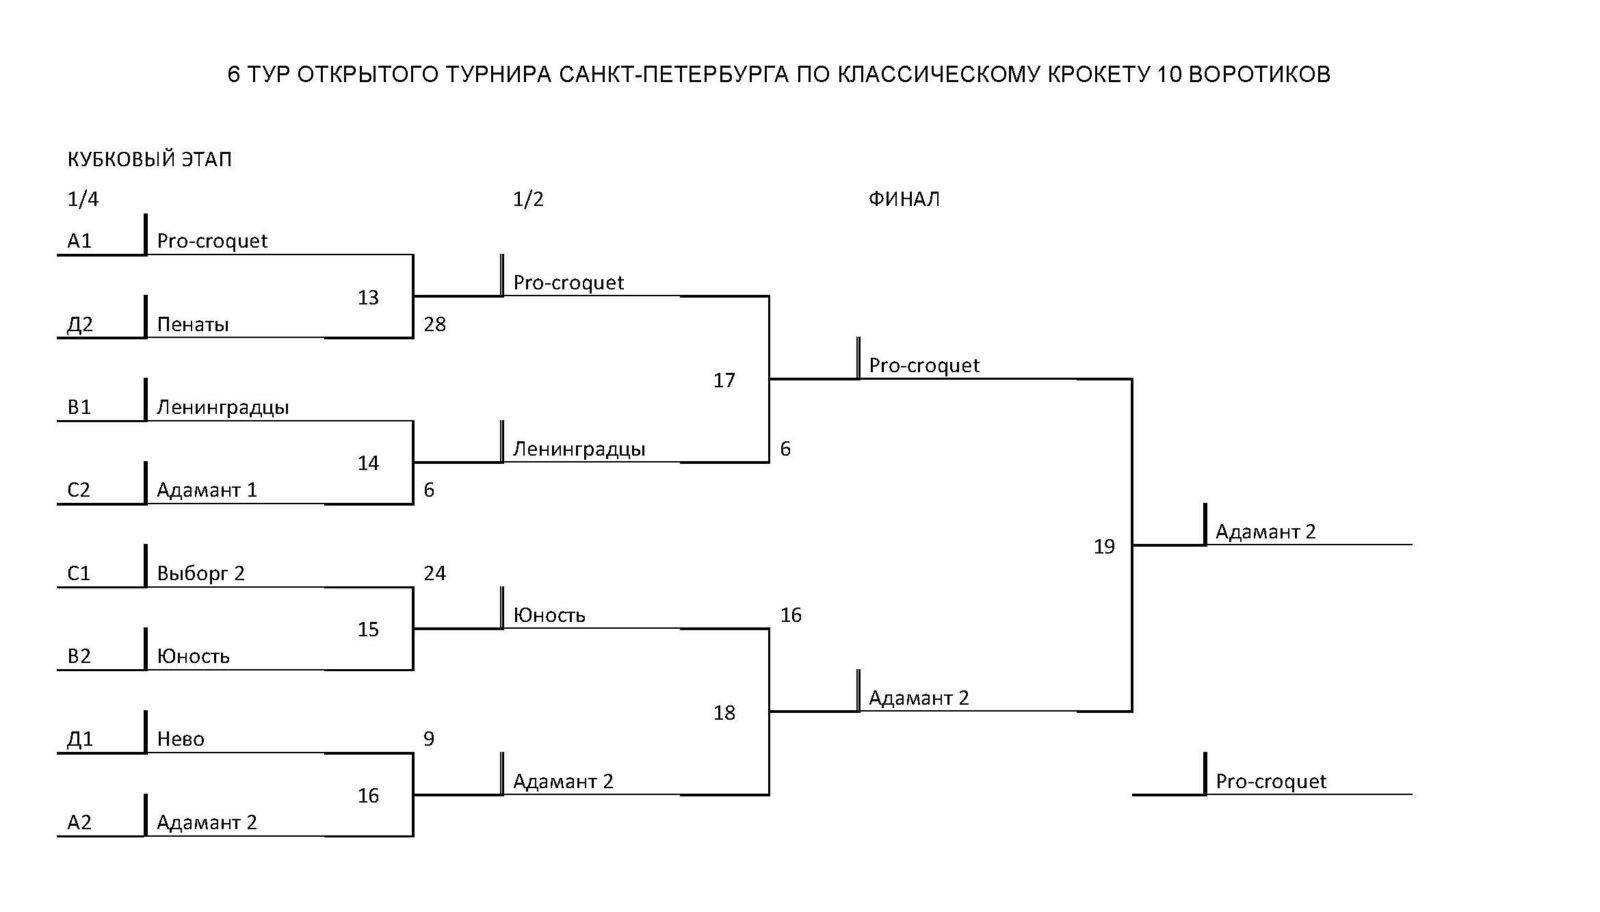 Игра крокет - 6 тур  Открытого Чемпионата Санкт-Петербурга по классическому крокету CC-10 2017